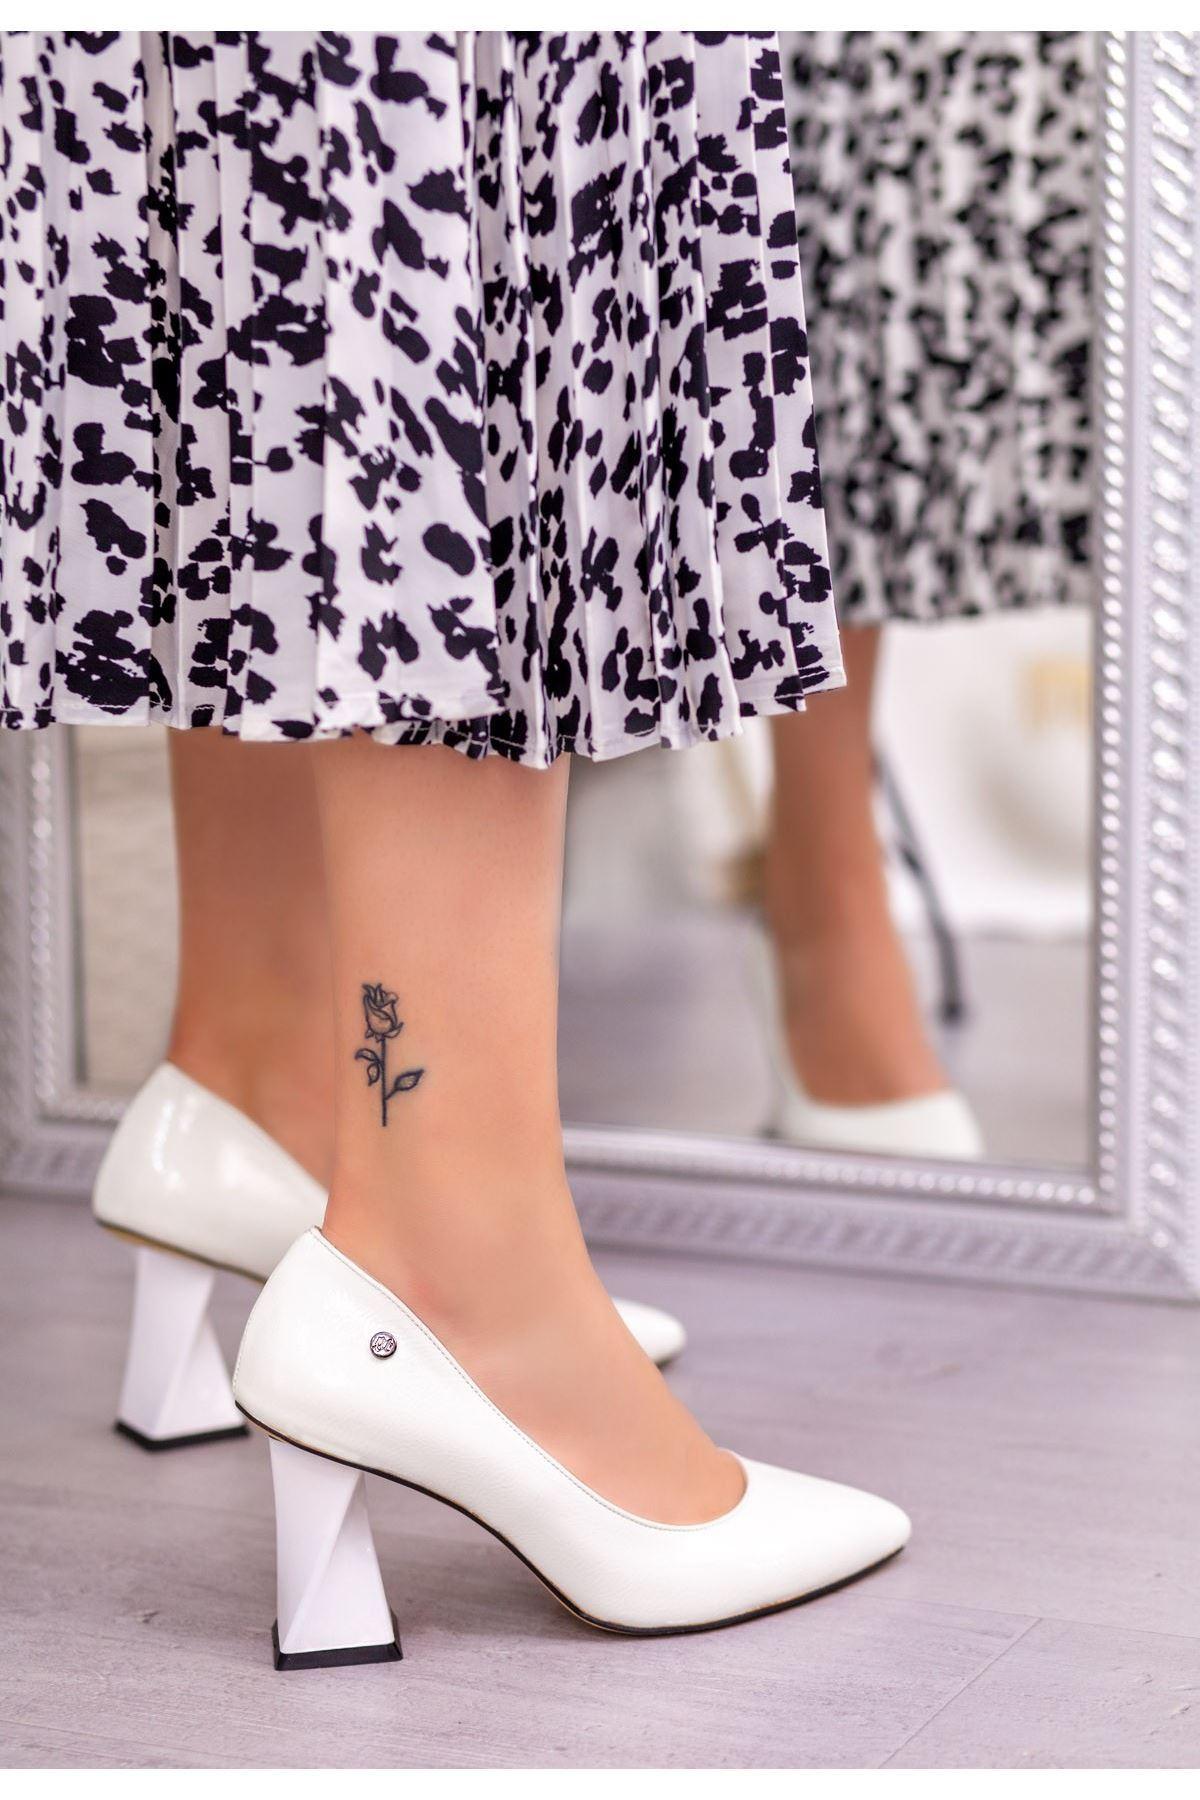 Raff Beyaz Rugan Topuklu Ayakkabı